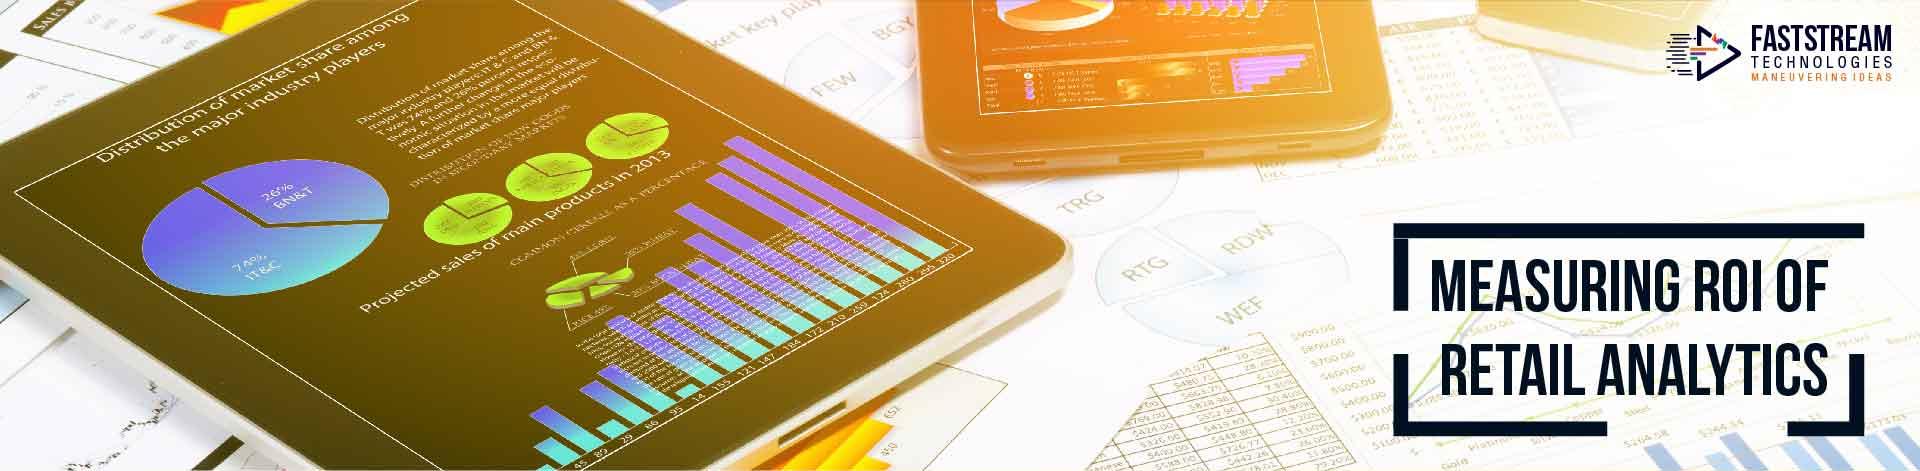 ROI of Retail Analytics